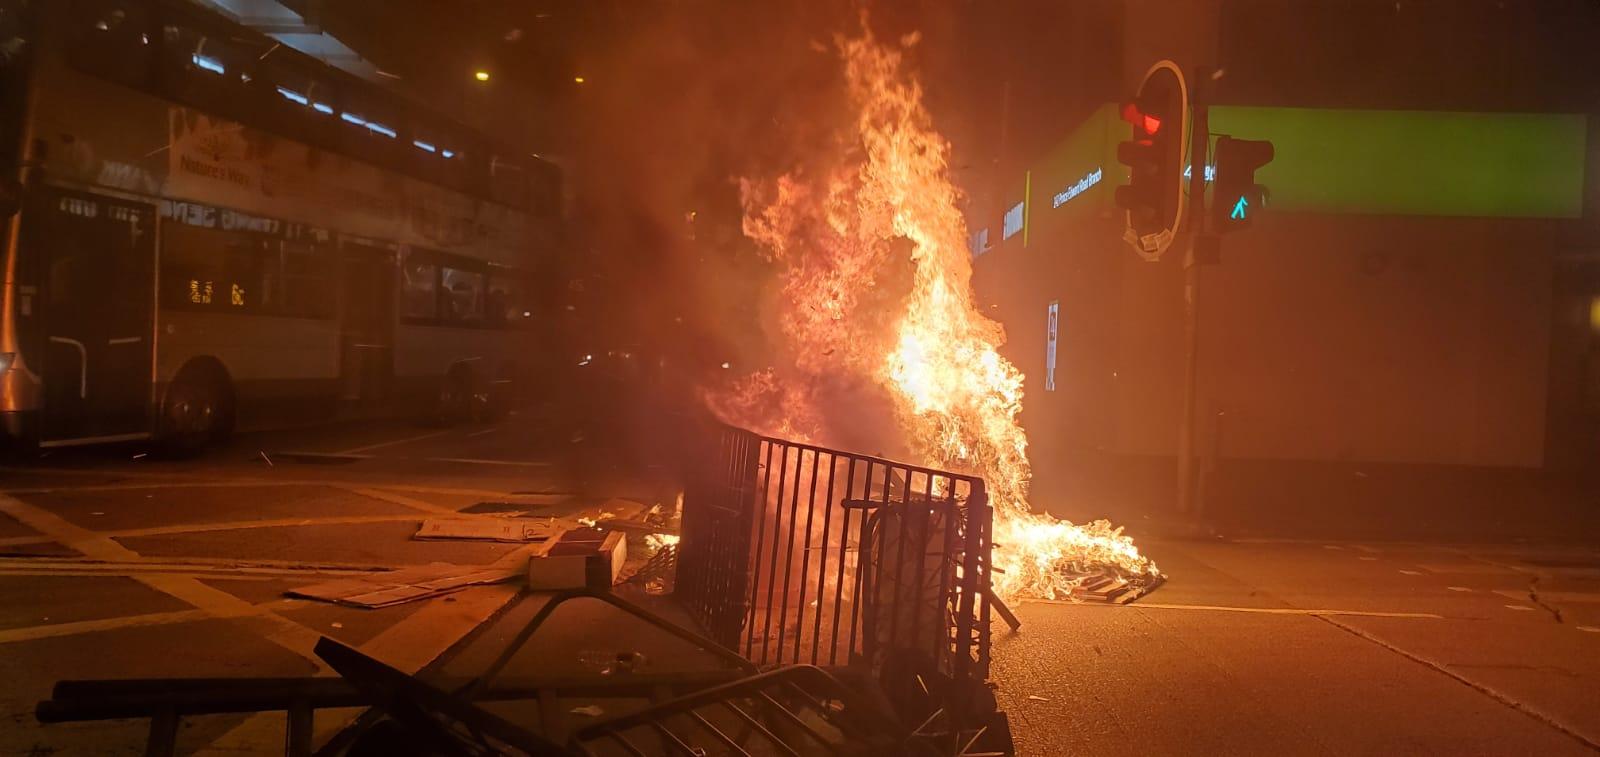 晚上旺角有示威者堵路縱火。